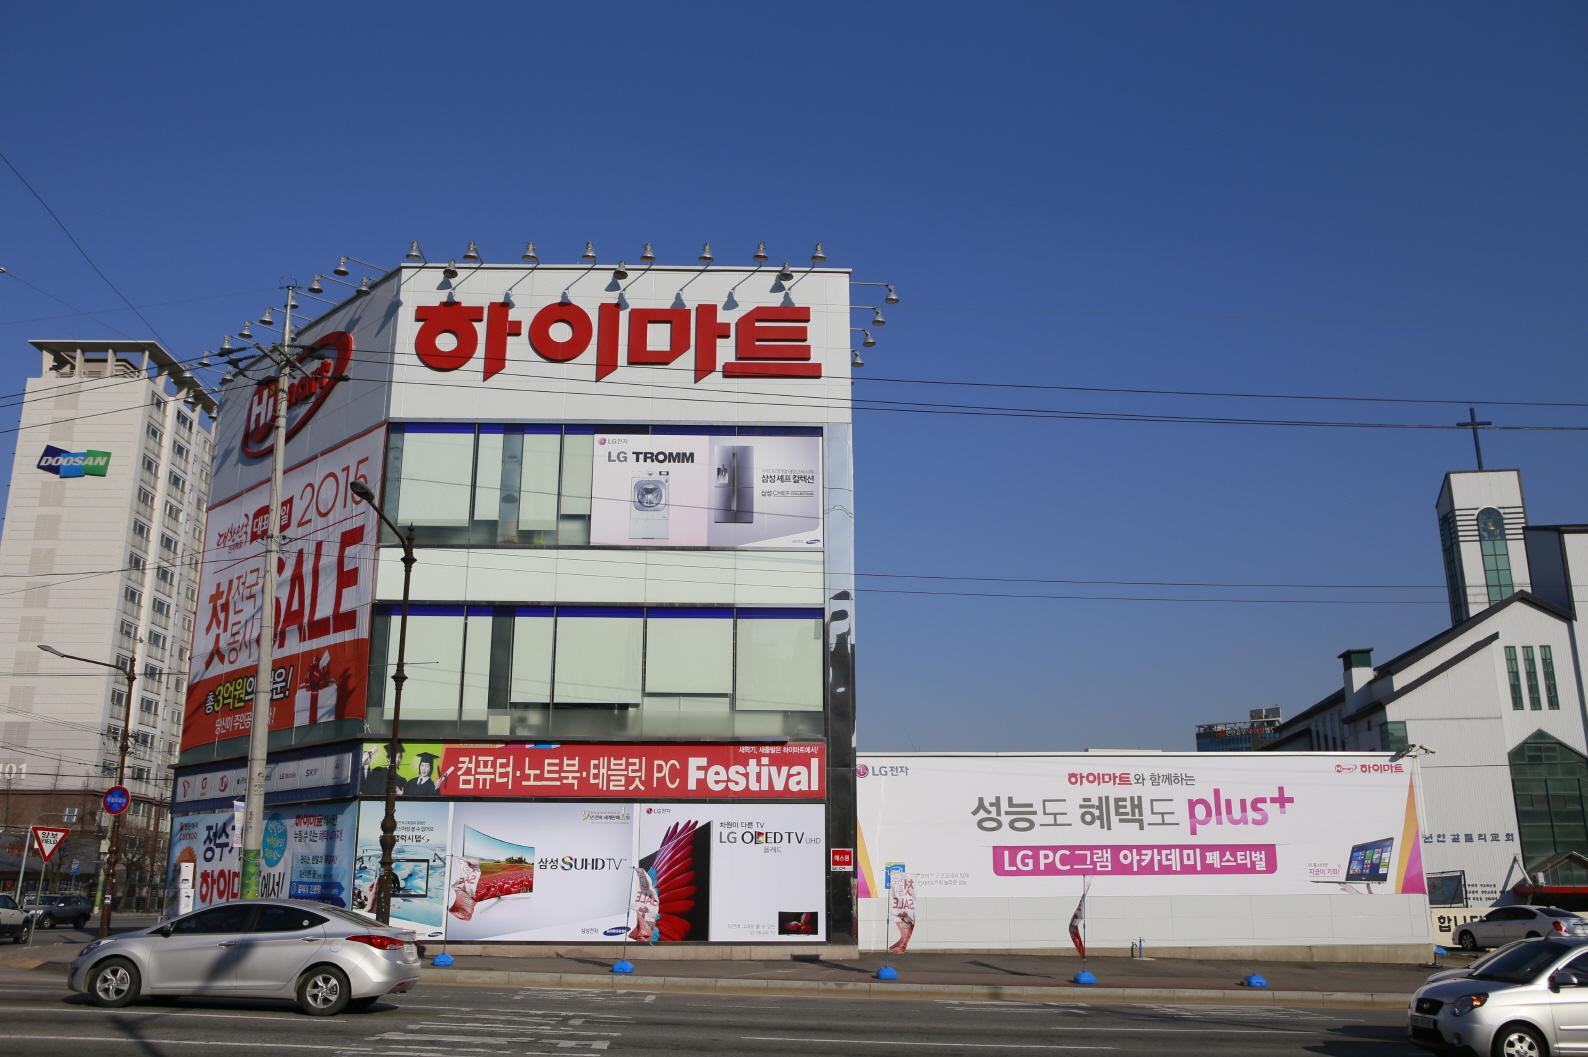 Lotte Hi-mart – Ssangyong Branch (롯데 하이마트 (쌍용점))